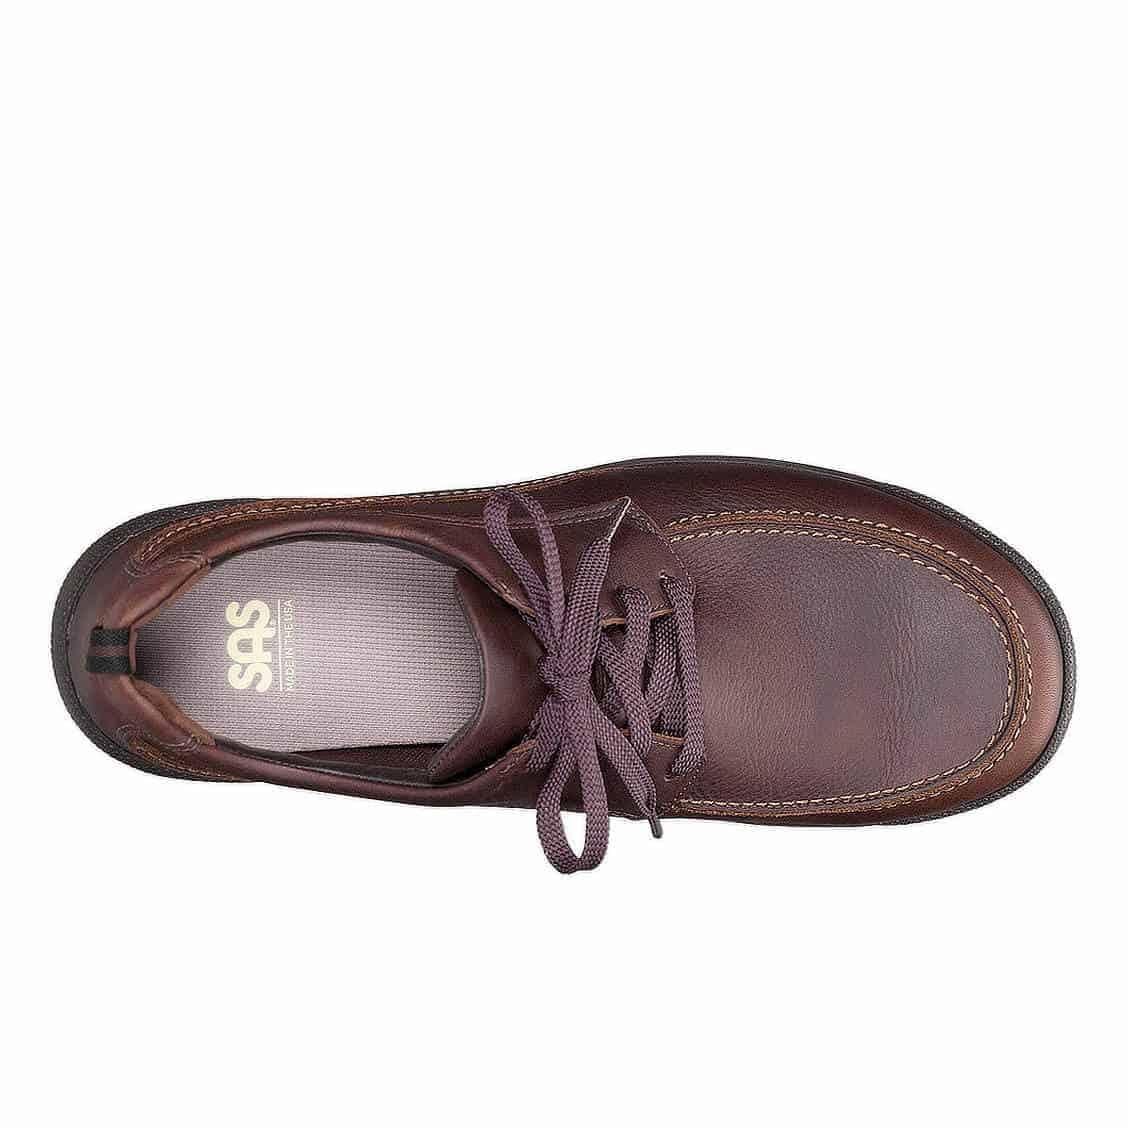 sas-mens-move-on-brown-2610-058-4